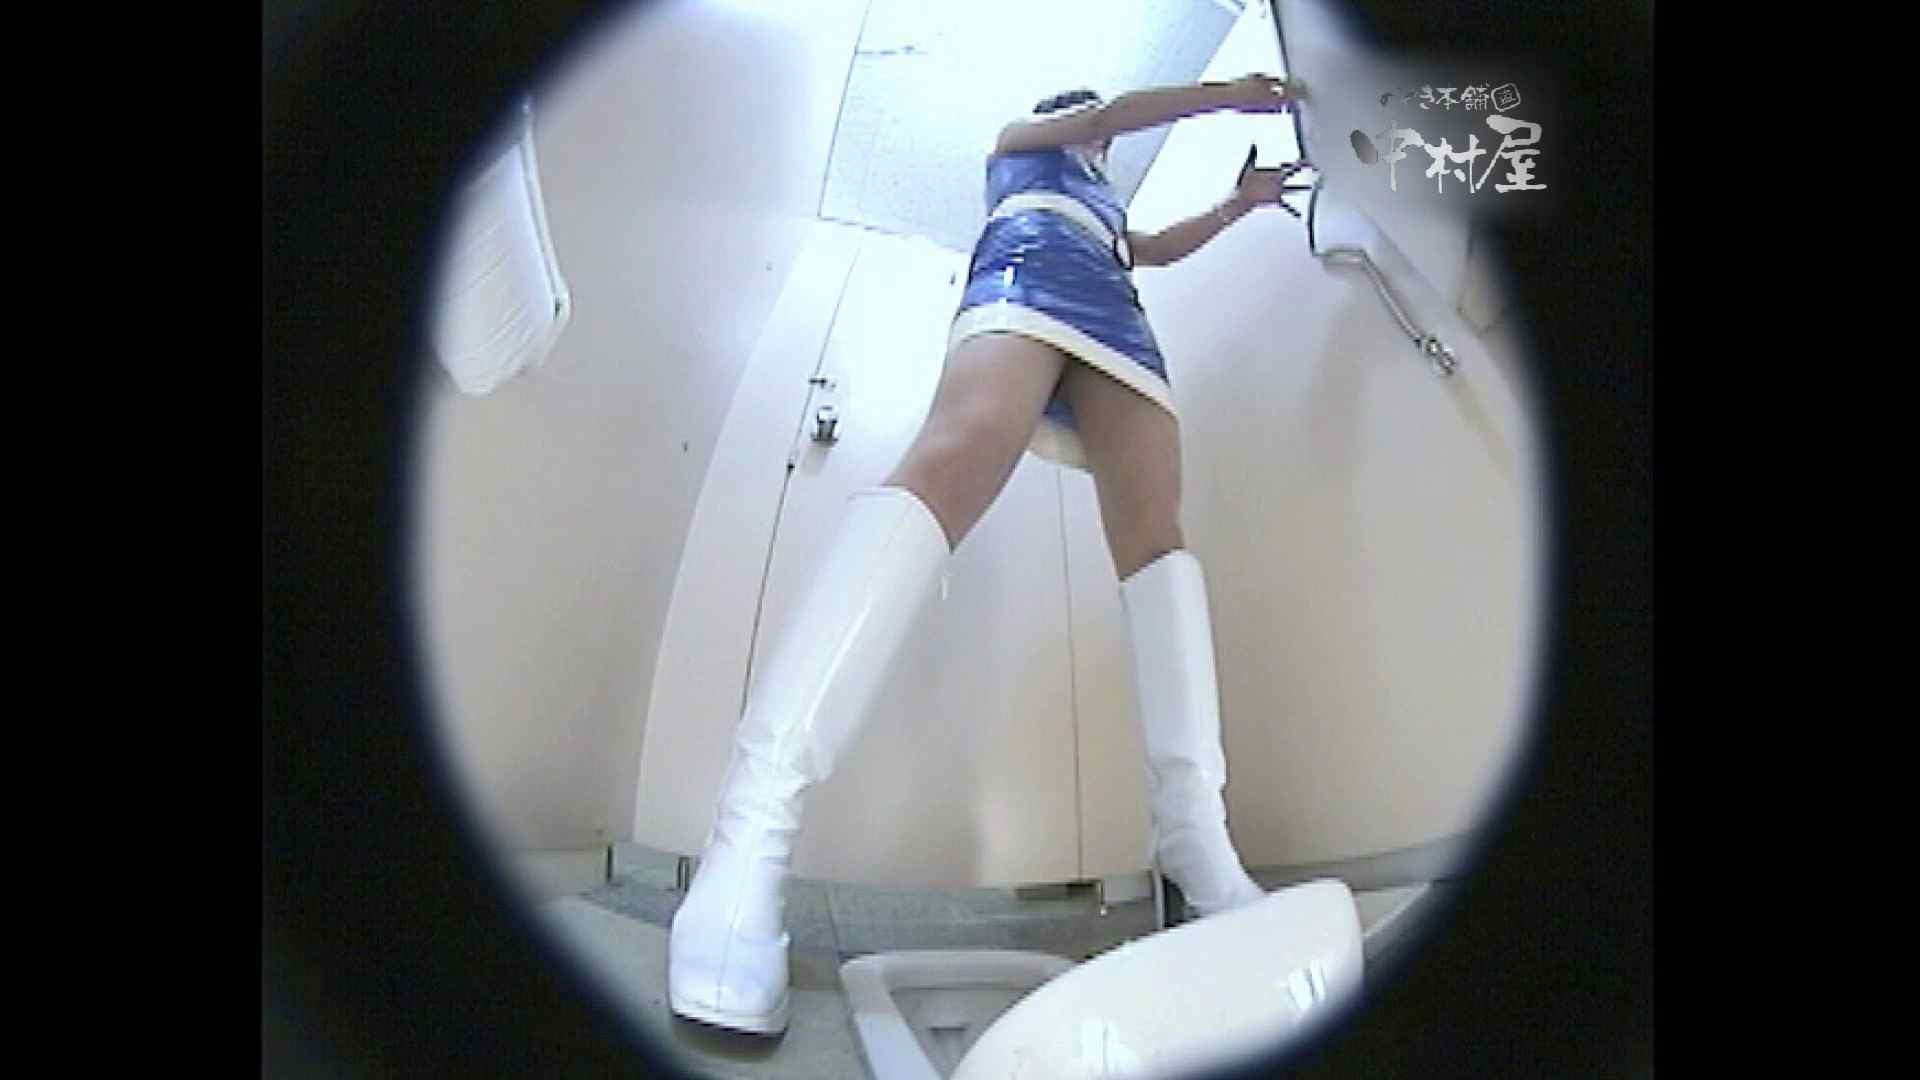 レースクィーントイレ盗撮!Vol.20 トイレ 盗撮セックス無修正動画無料 89PICs 61